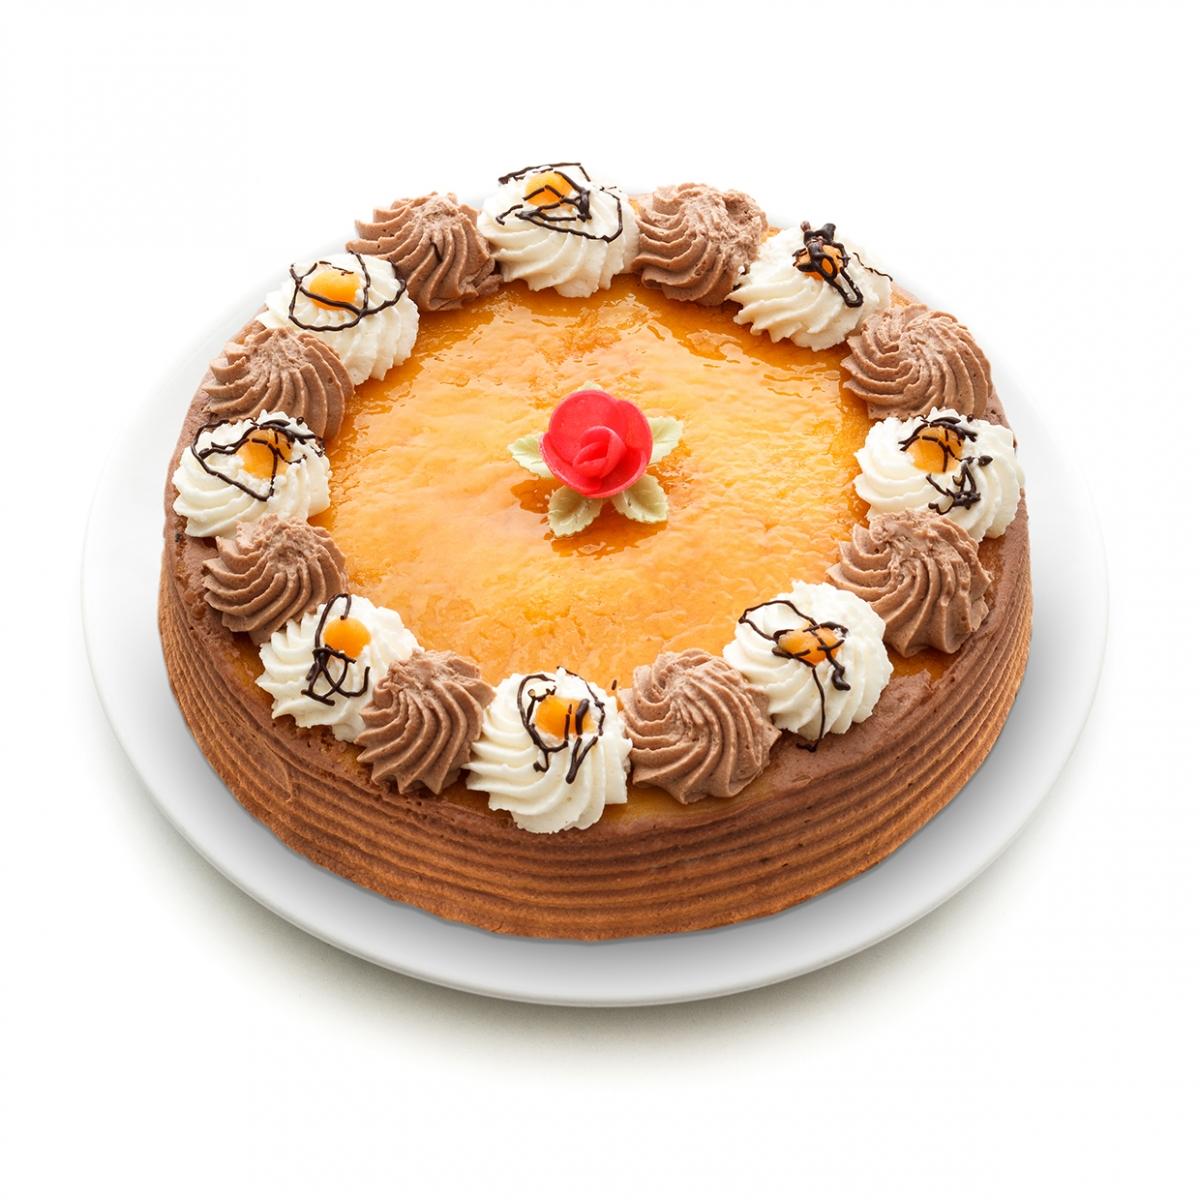 Imagen en la que se ve una tarta entera rematada por nata, trufa y una flor